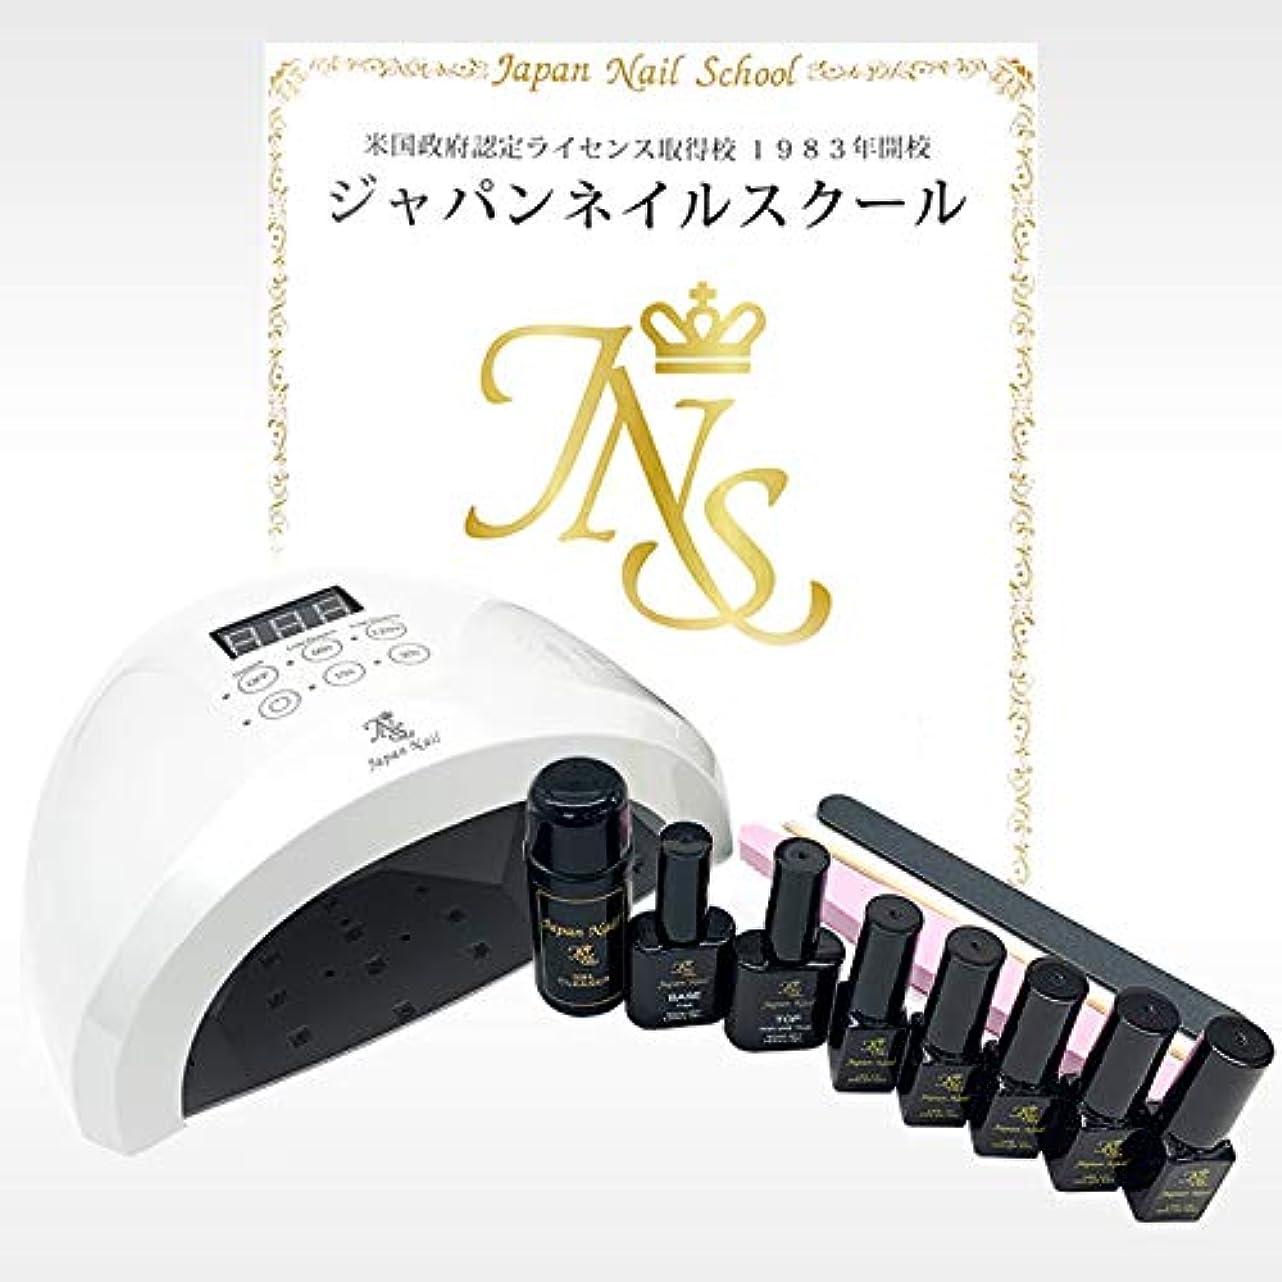 フェッチ検証不適切な日本製多機能LEDライト付属ジェルネイルキットn2世界初!弱爪?傷爪でもジェルネイルが楽しめる2つのローダウン機能搭載!初心者も安心の5年間サポート付